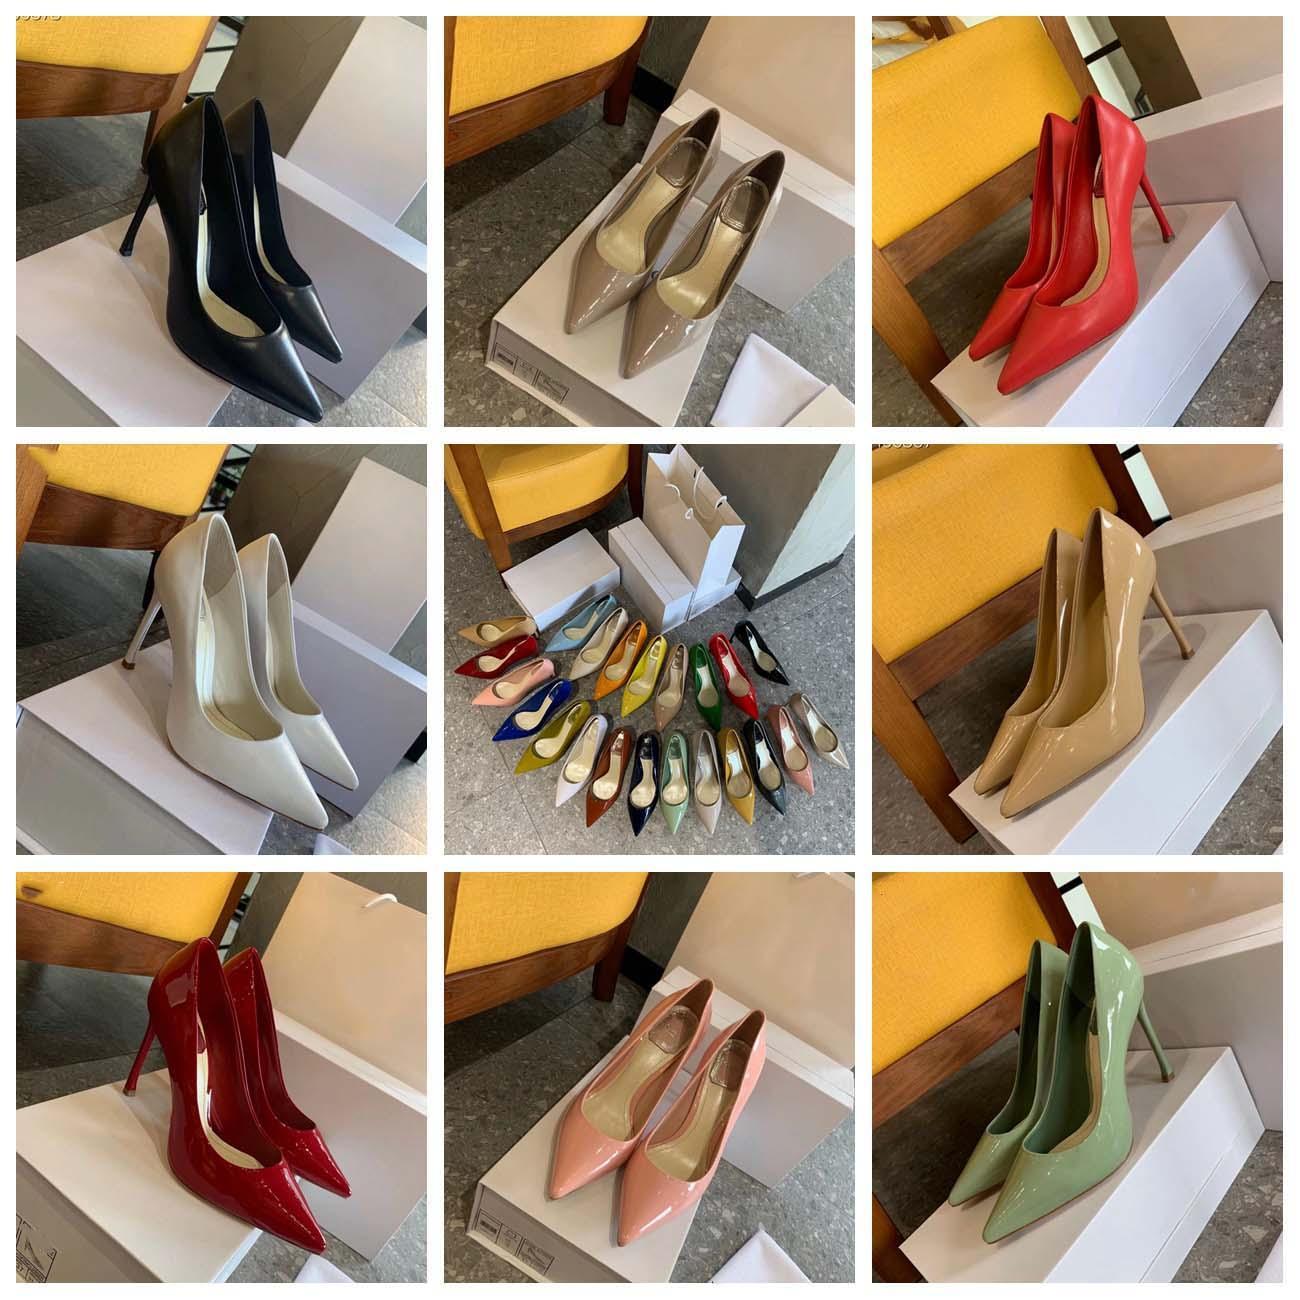 Clássicos Mulheres Saltos Sapatos Sandálias Moda Praia Grosso Chinelos de Fundo Alfabeto Lady Leather High High Salcão Slides por Home011 10